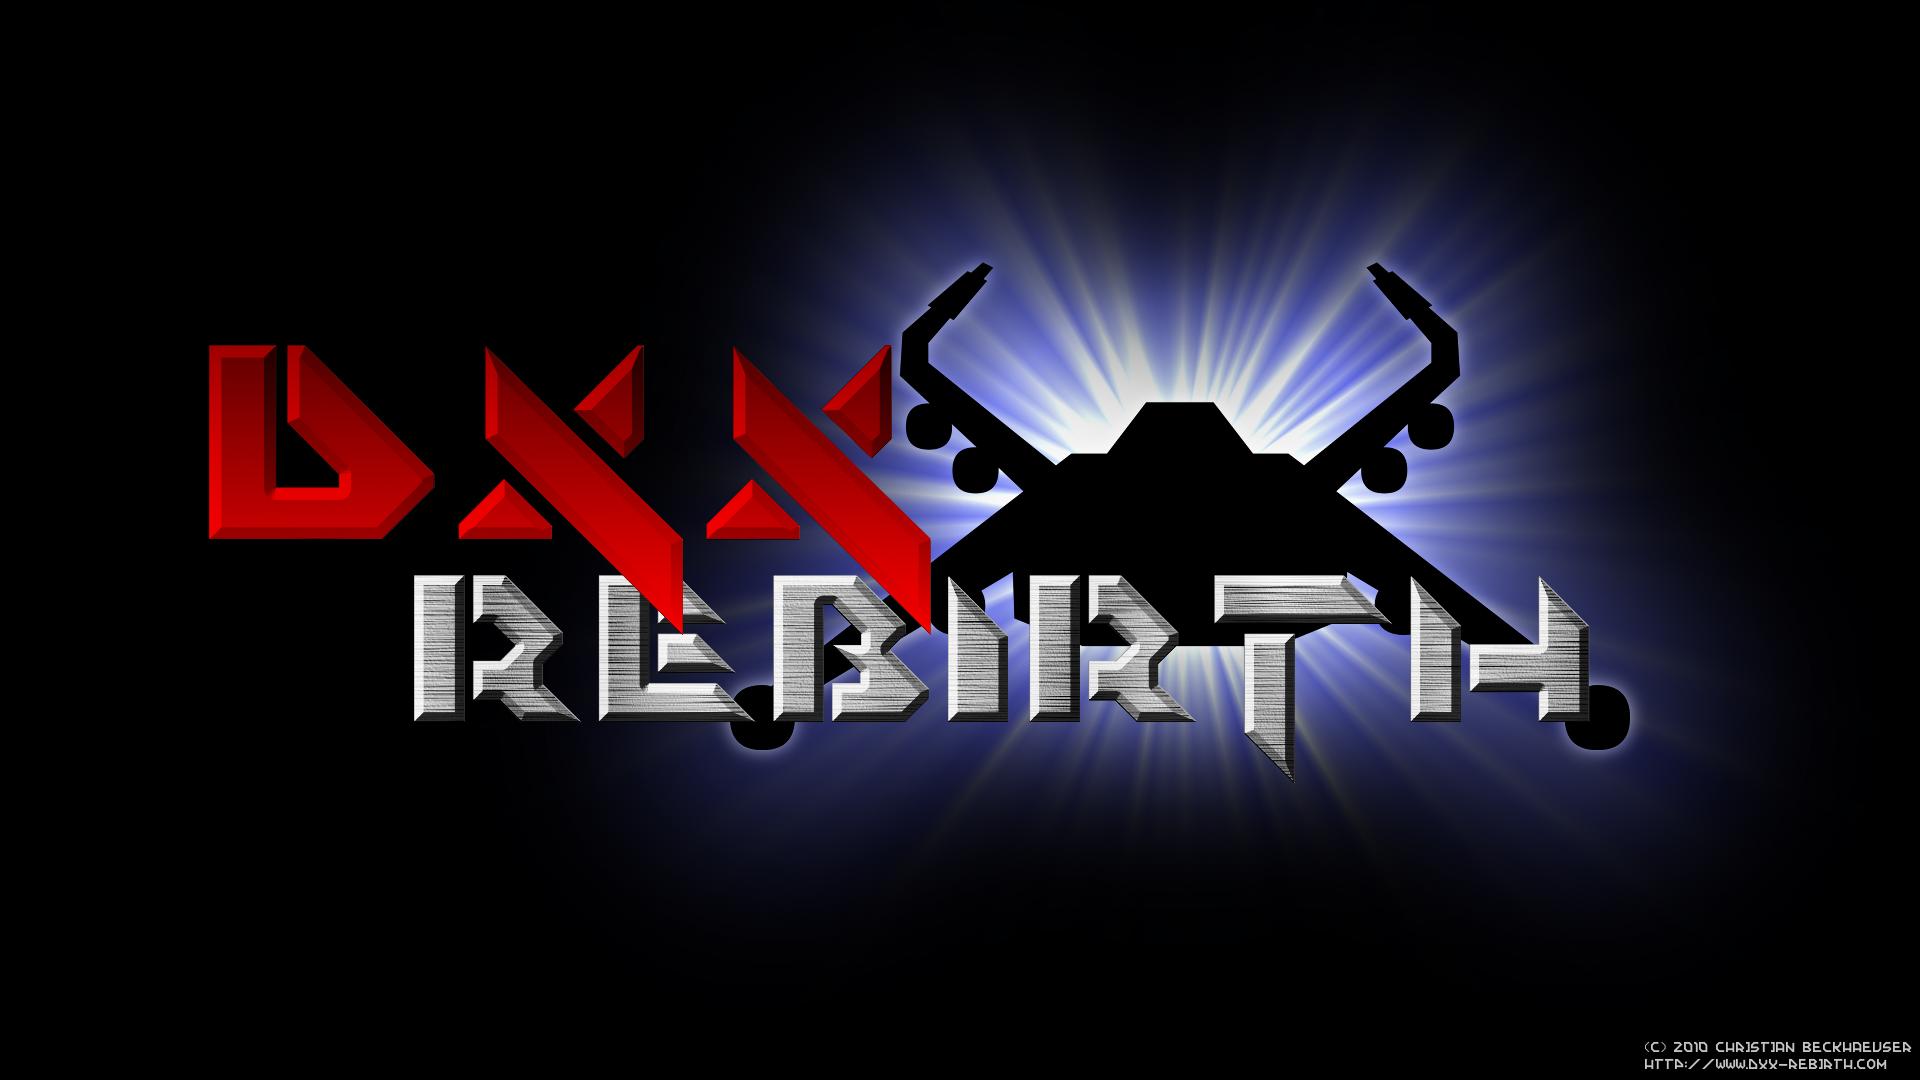 dxx-rebirth logo